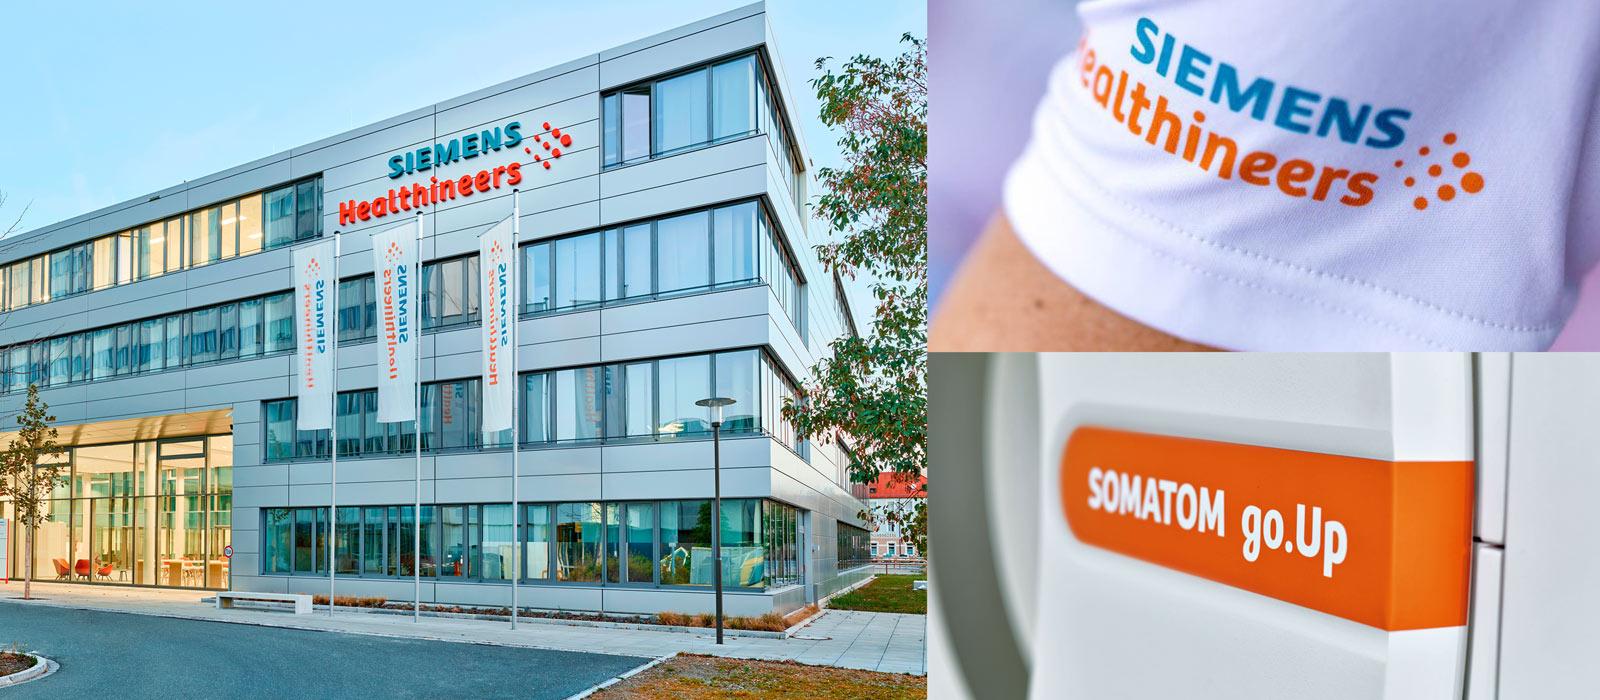 Custom Bree for Siemens Healthineers